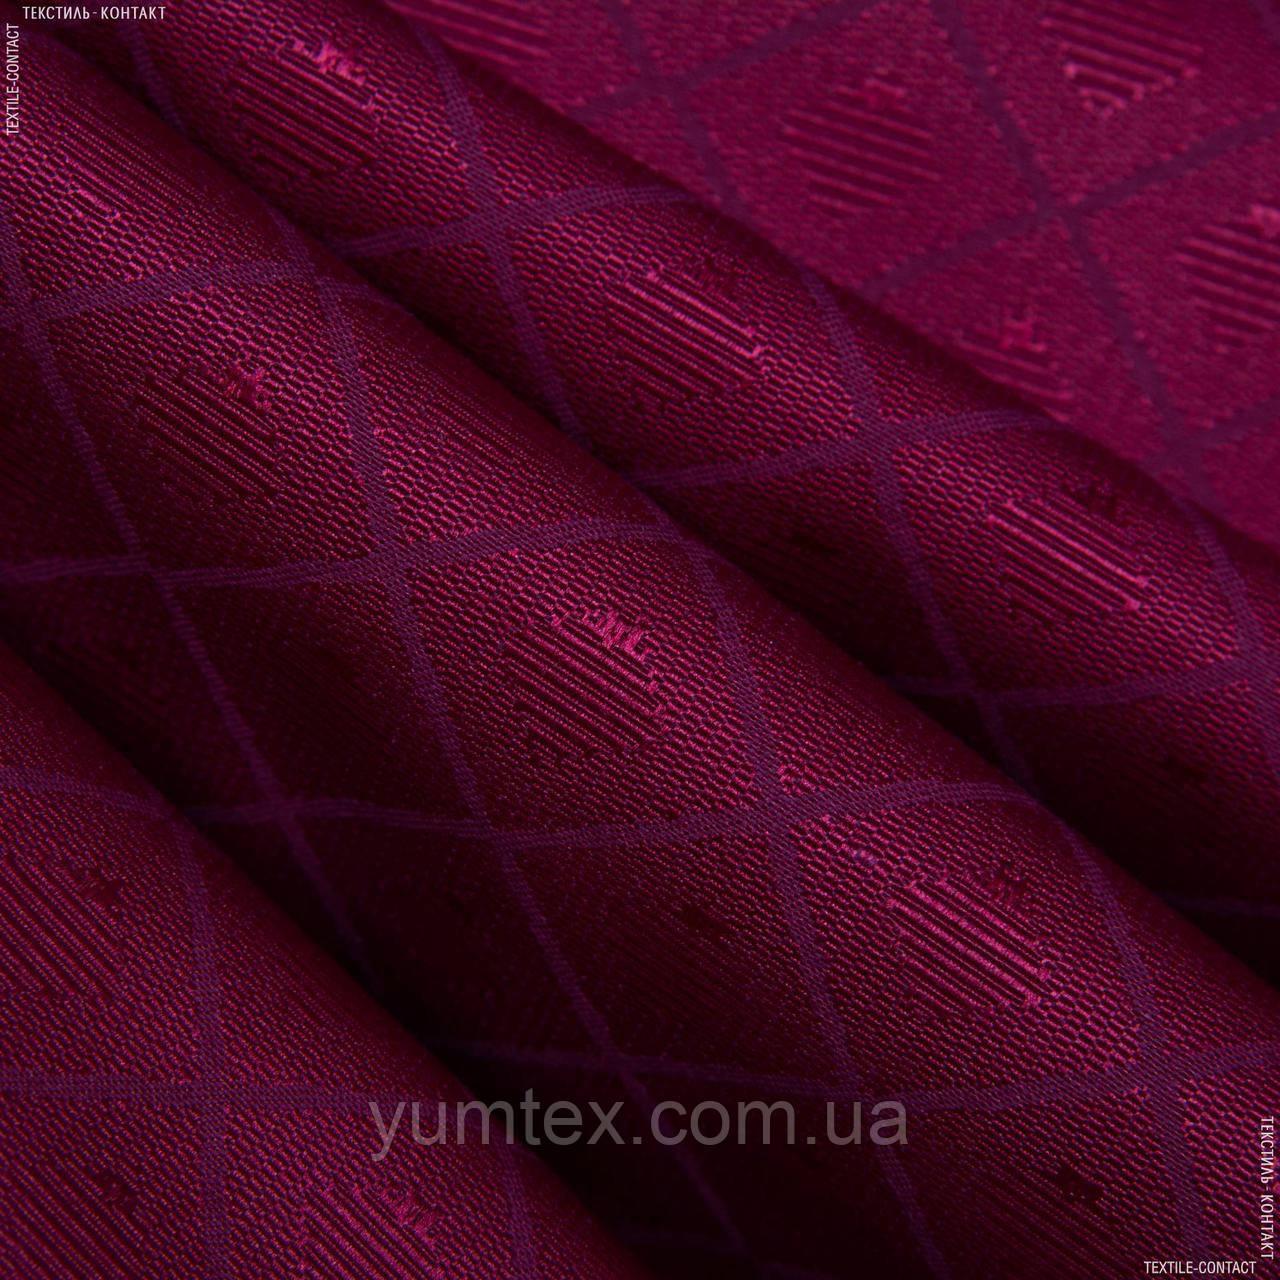 Скатертная ткань  tisa/тиса  бордо 95533